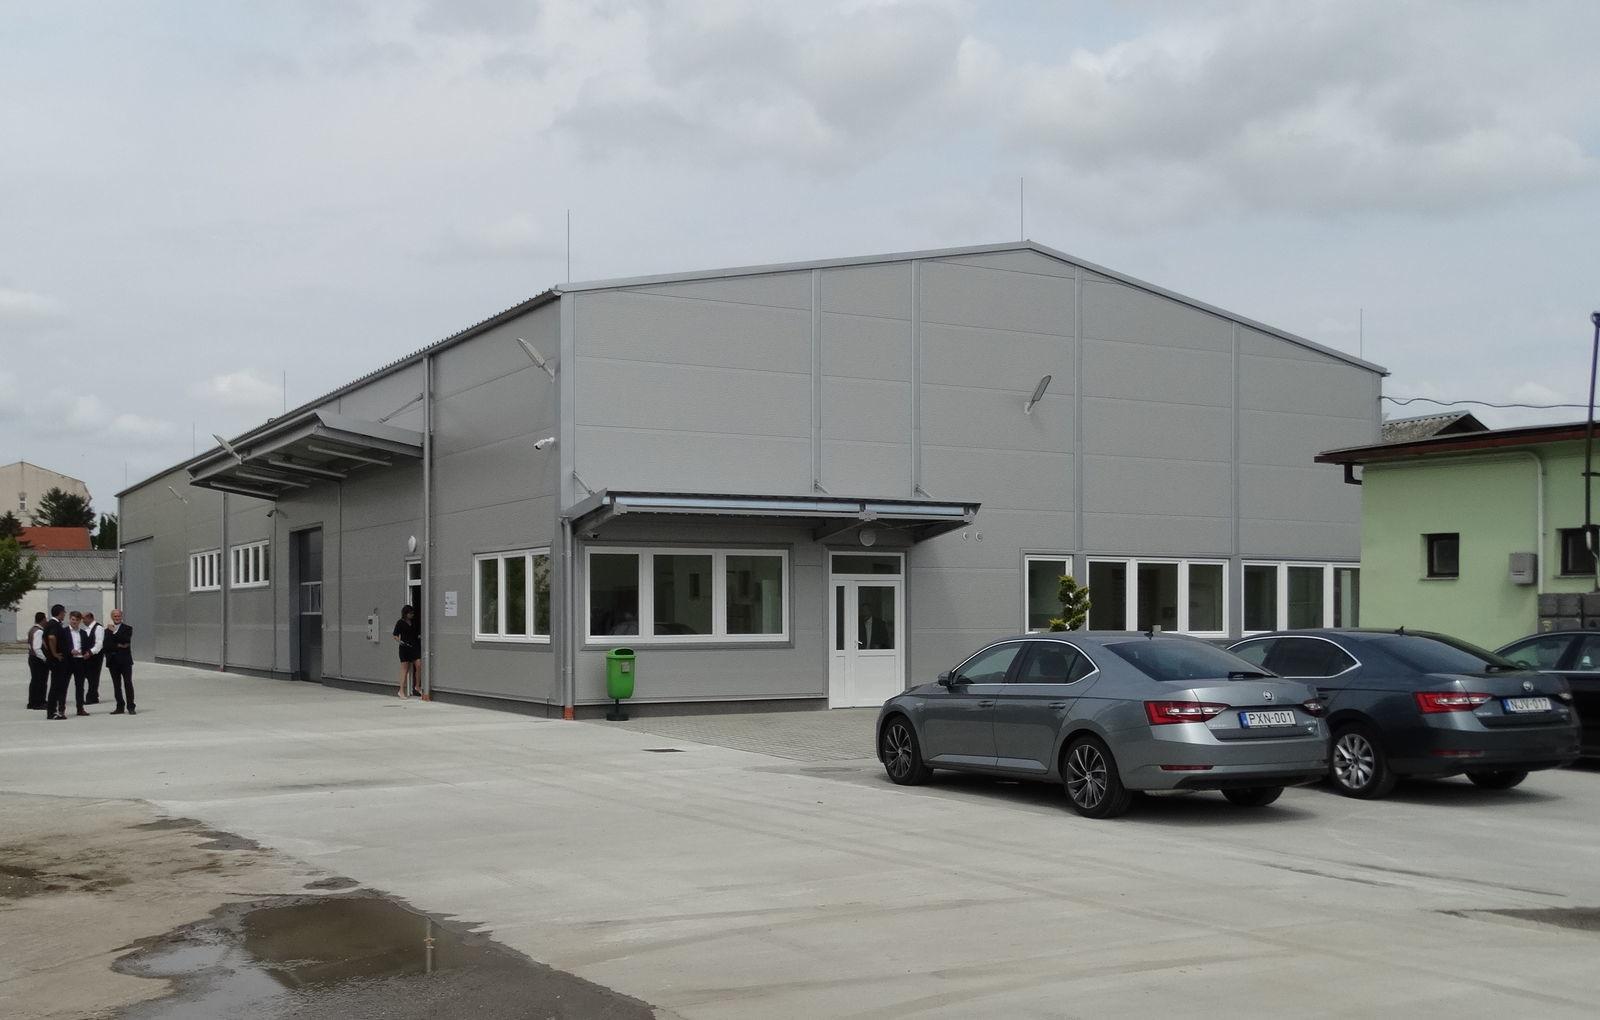 A létesítmény 150 millió forintos pályázati támogatással, összesen 256 millió forintból fél év alatt épült föl